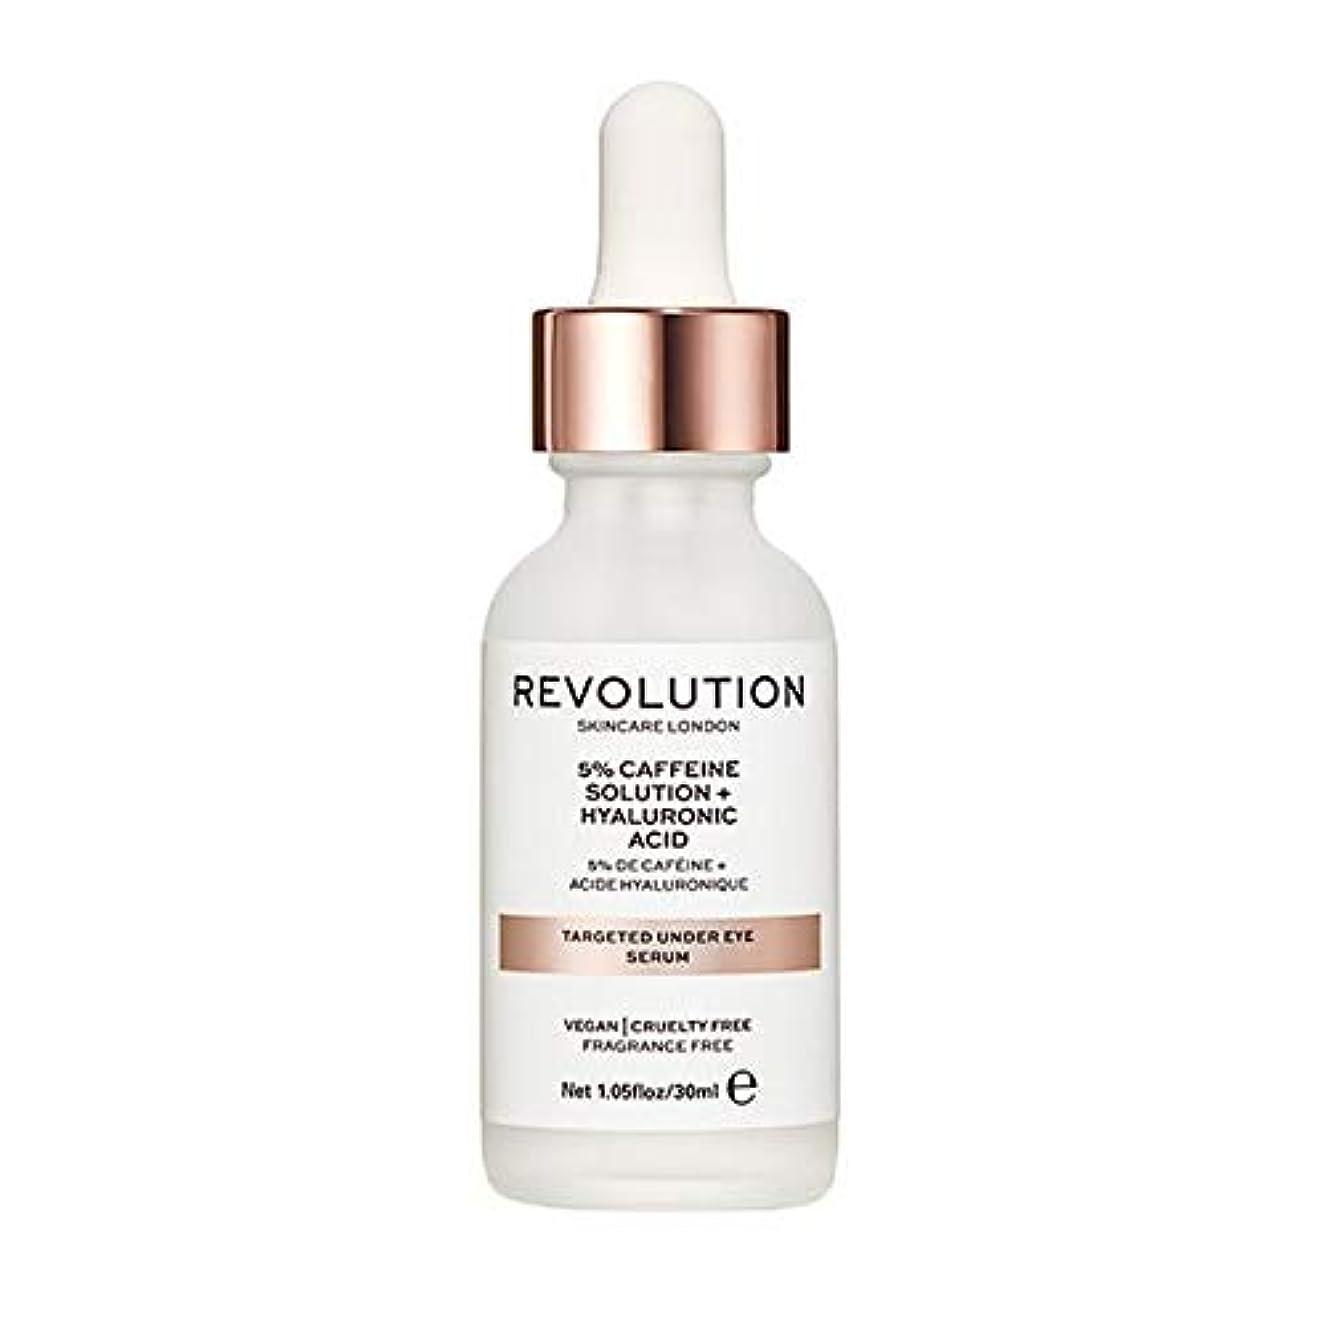 音銛ディンカルビル[Revolution ] 目の血清の下で目標回転スキンケア - Revolution Skincare Targeted Under Eye Serum [並行輸入品]